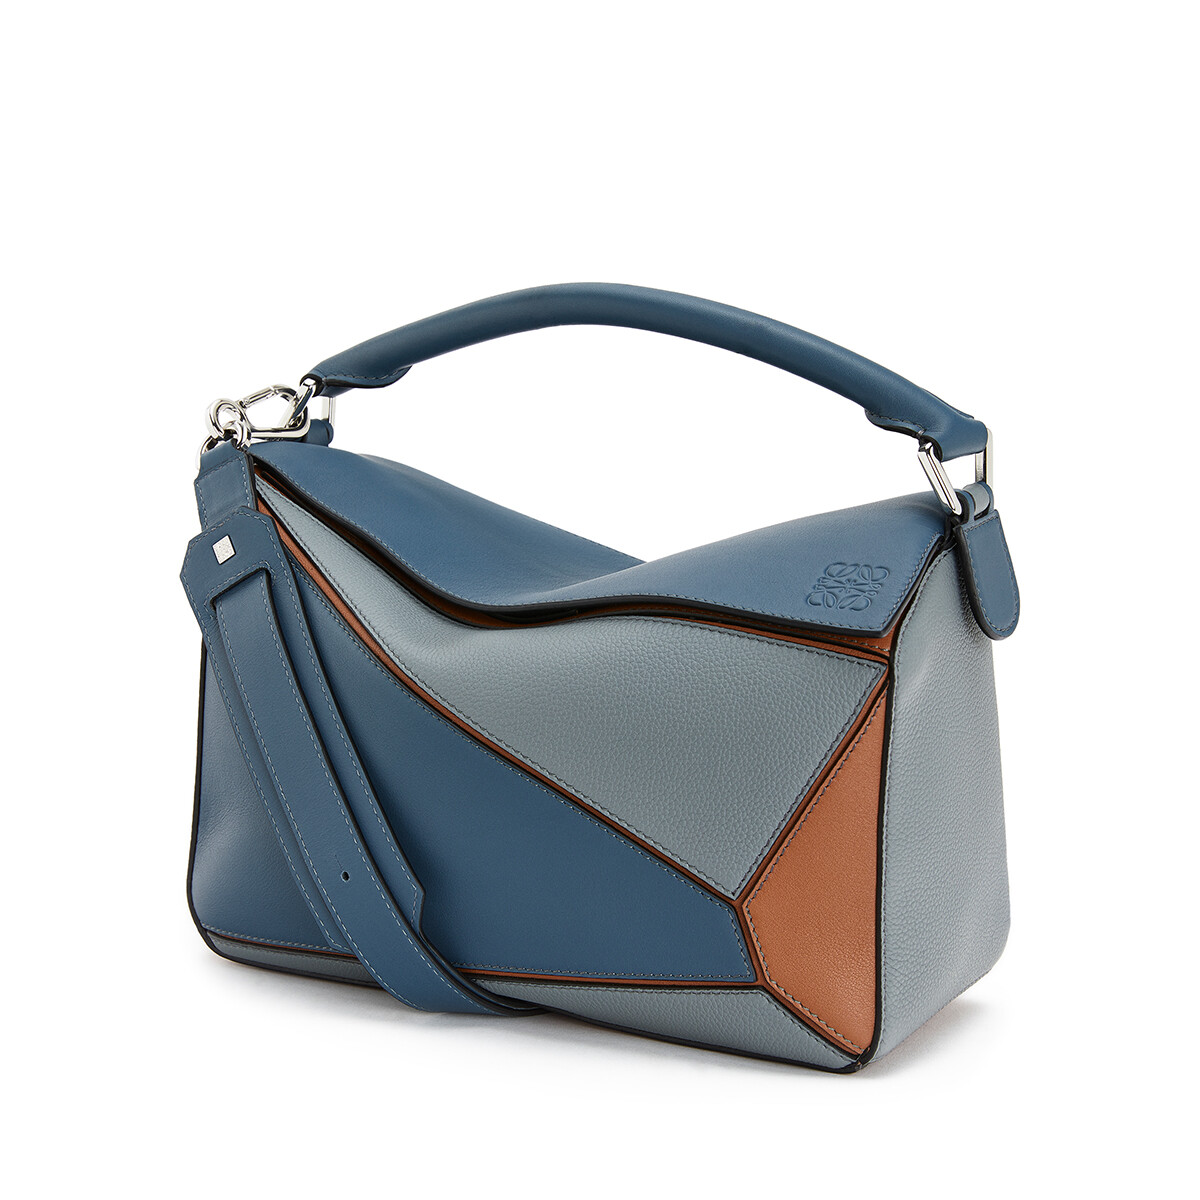 LOEWE Puzzle Bag Steel Blue/Tan front